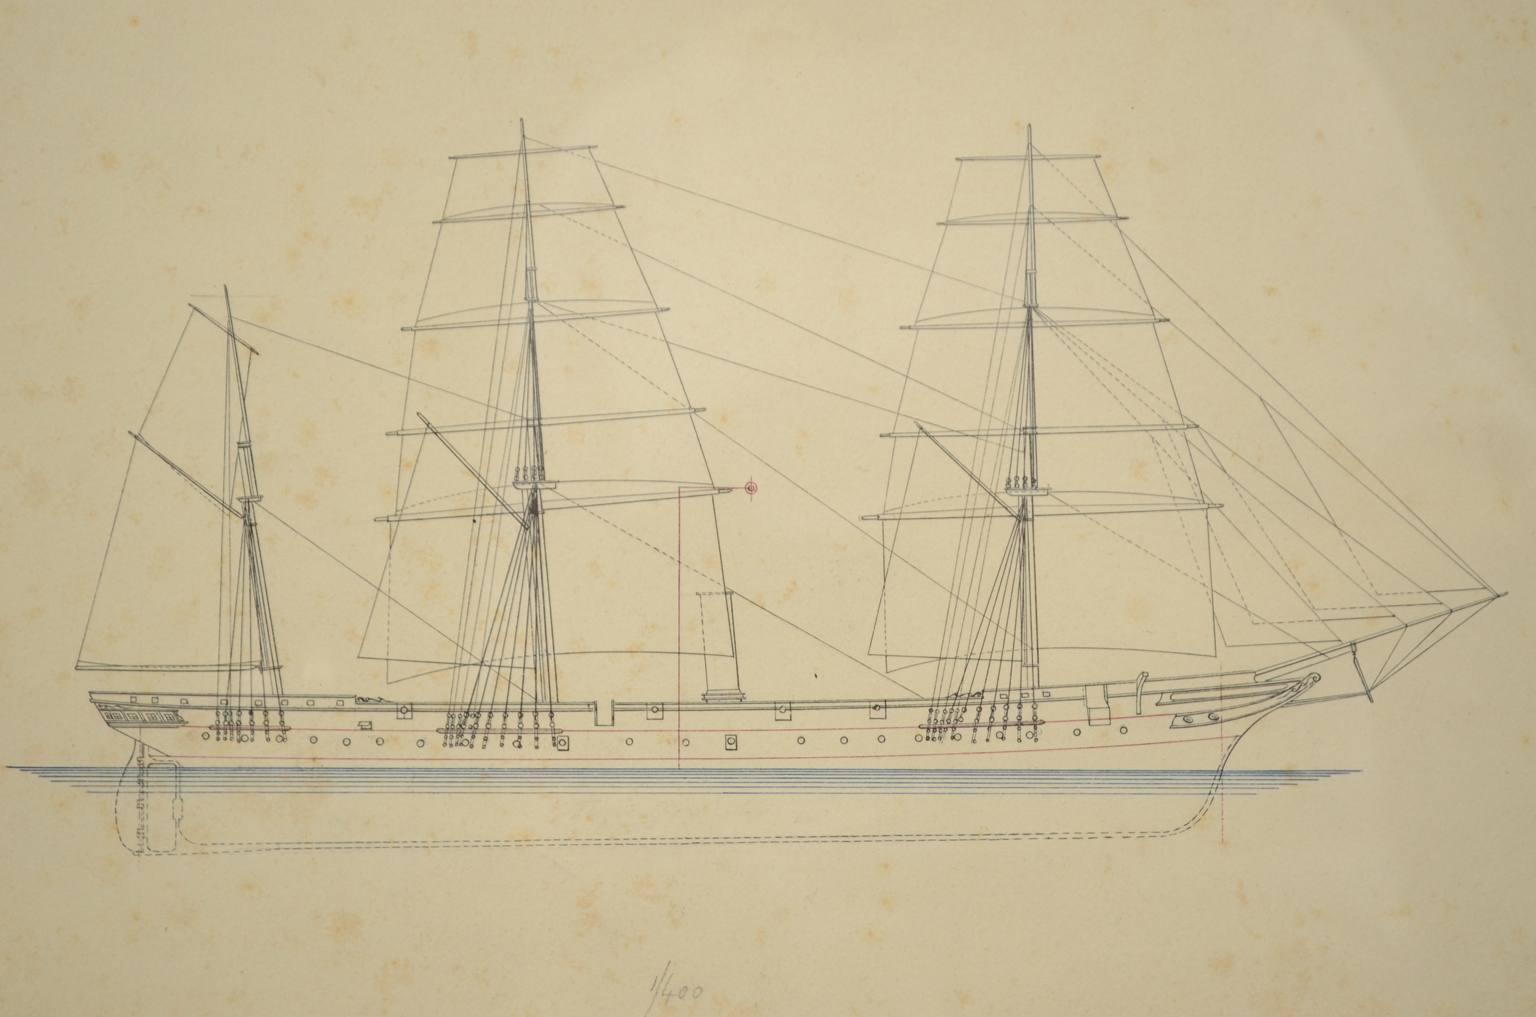 航海类古董/5698B-打印描绘一个帆船